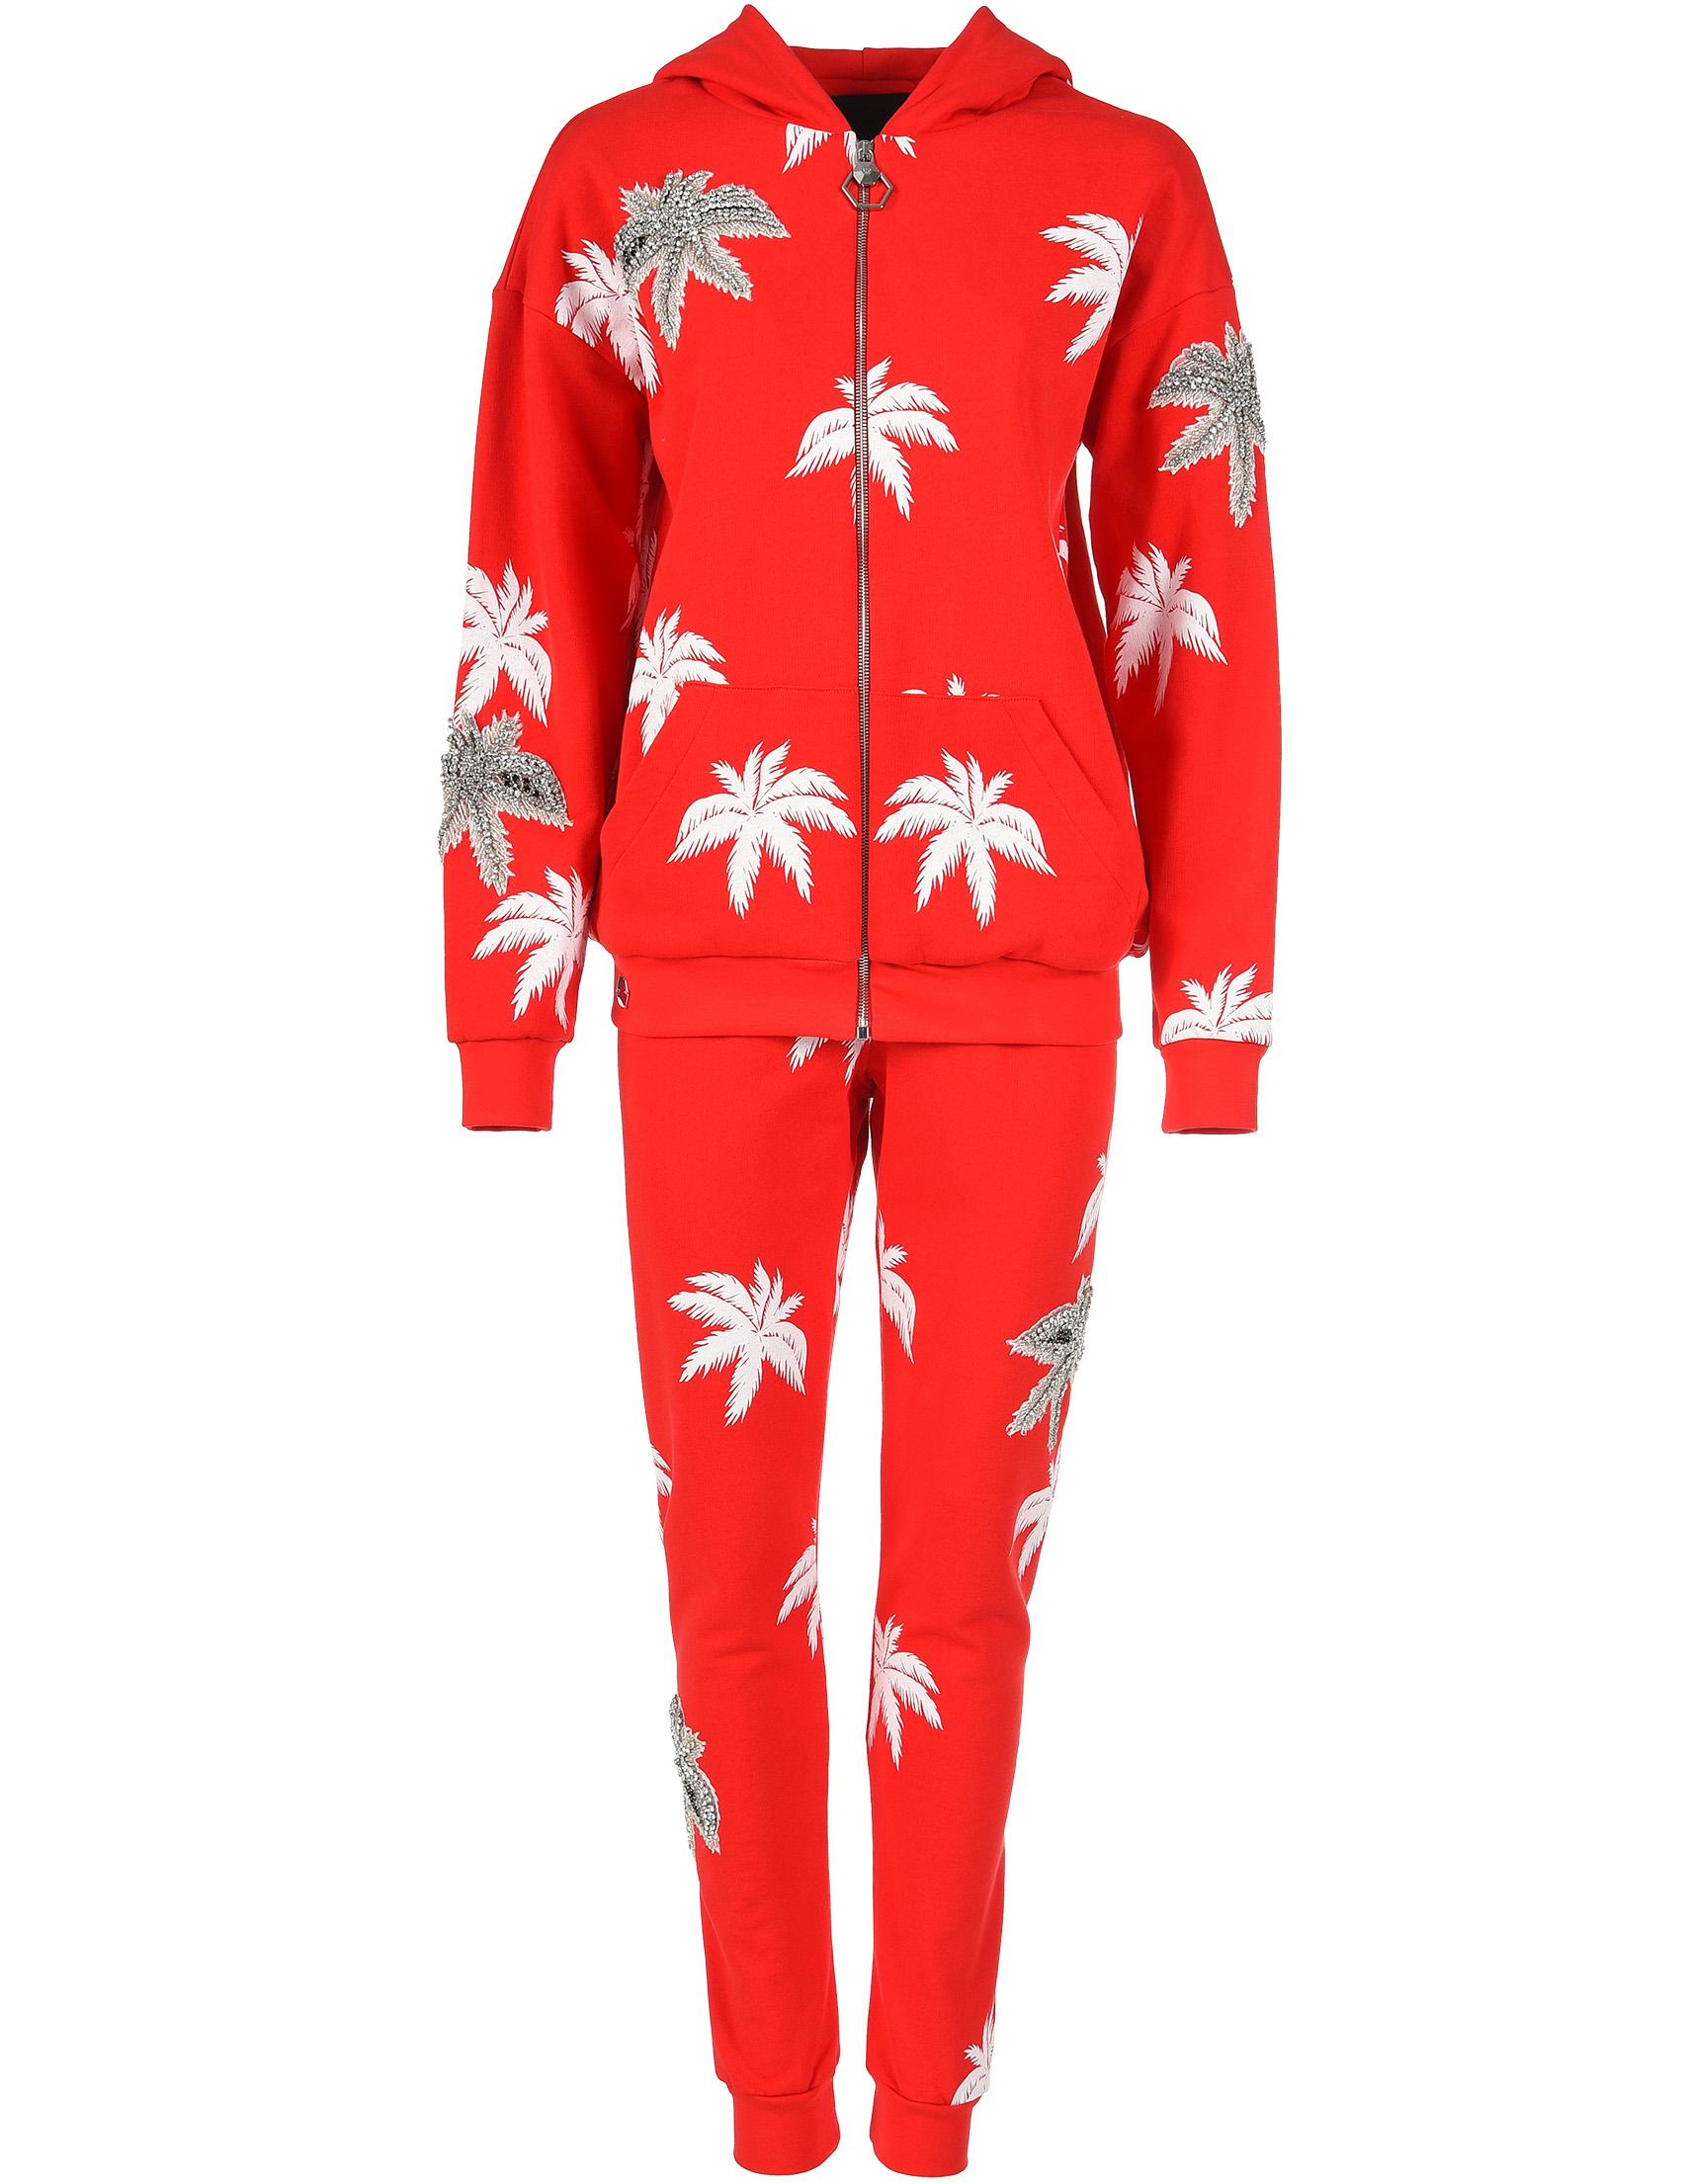 Купить Спортивные костюмы, Спортивный костюм, PHILIPP PLEIN, Красный, 100%Хлопок, Весна-Лето